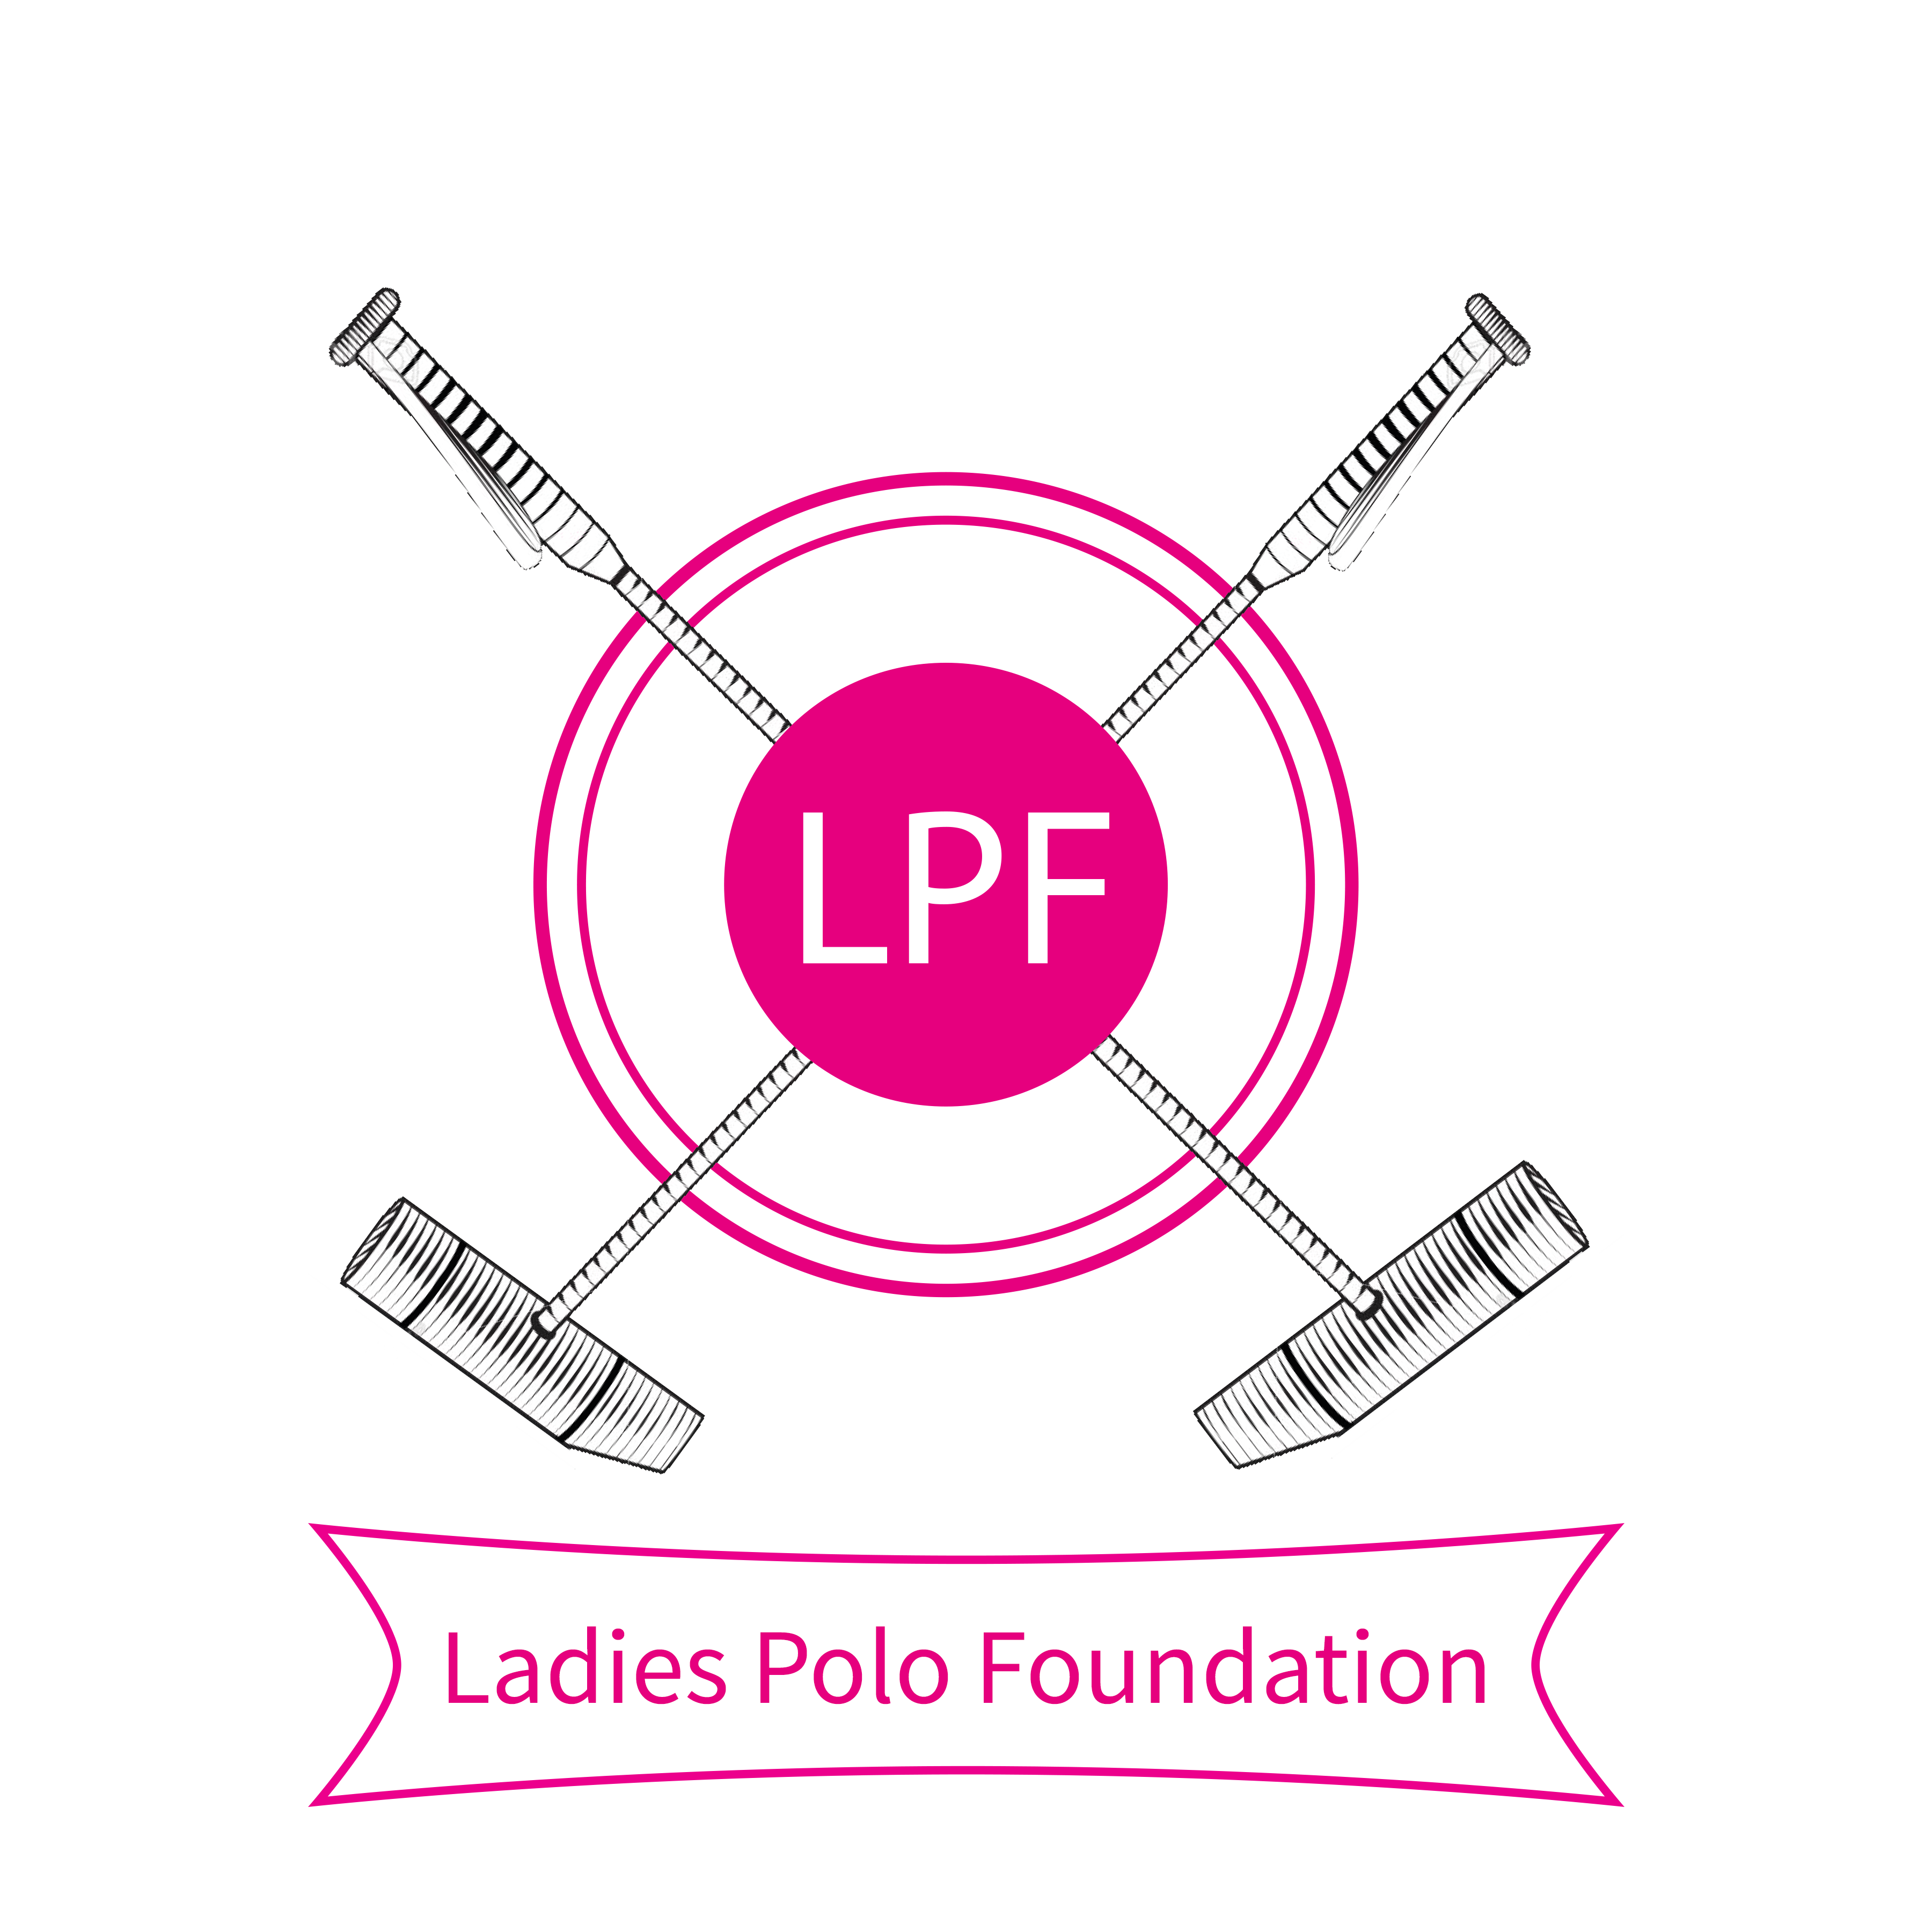 Ladies Polo Foundation Logo